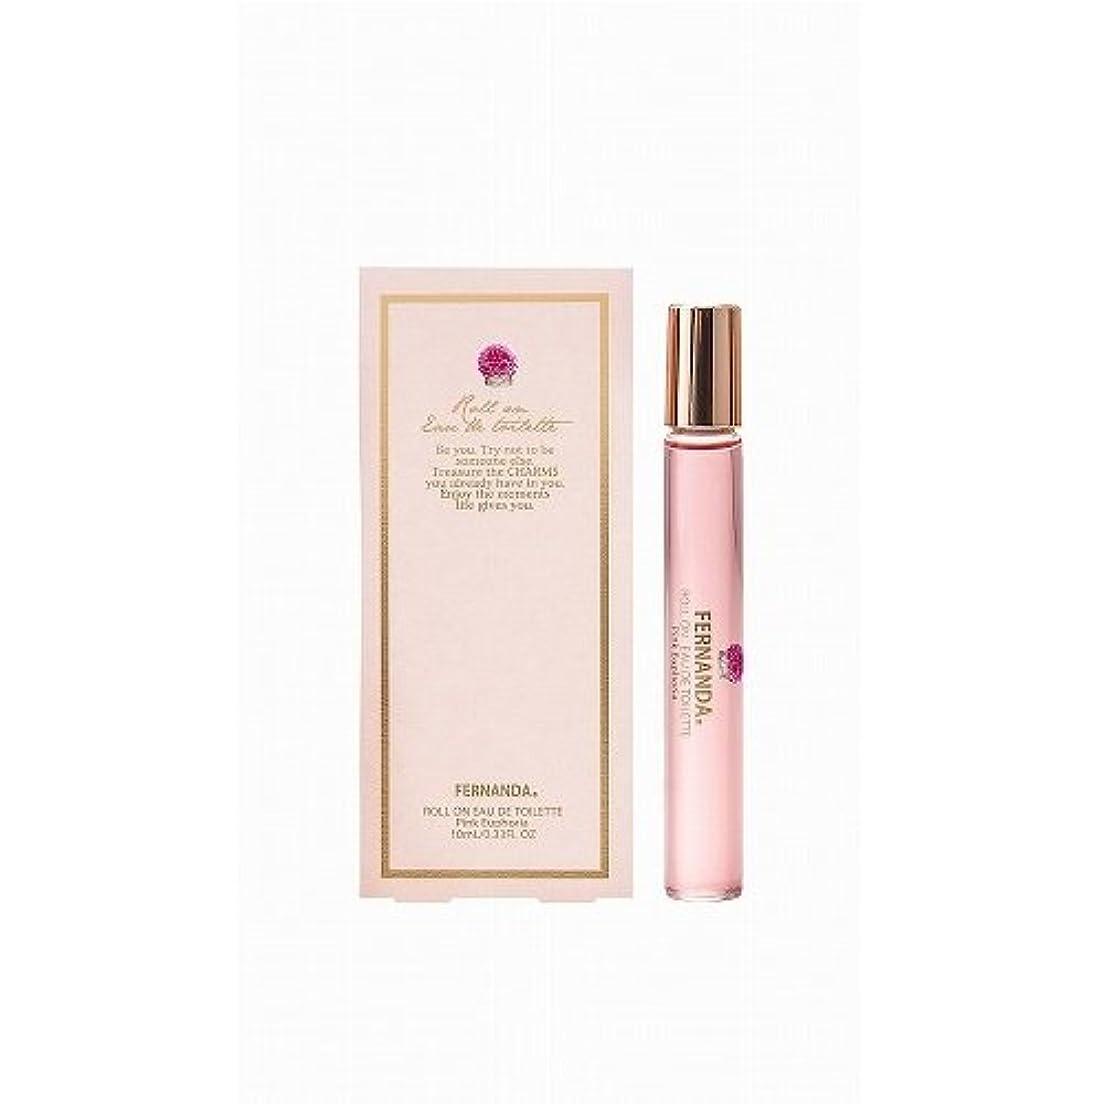 サーバ消化器服FERNANDA(フェルナンダ) Roll on Fragrance(オードトワレ) Pink Euphoria (ピンクエウフォリア)